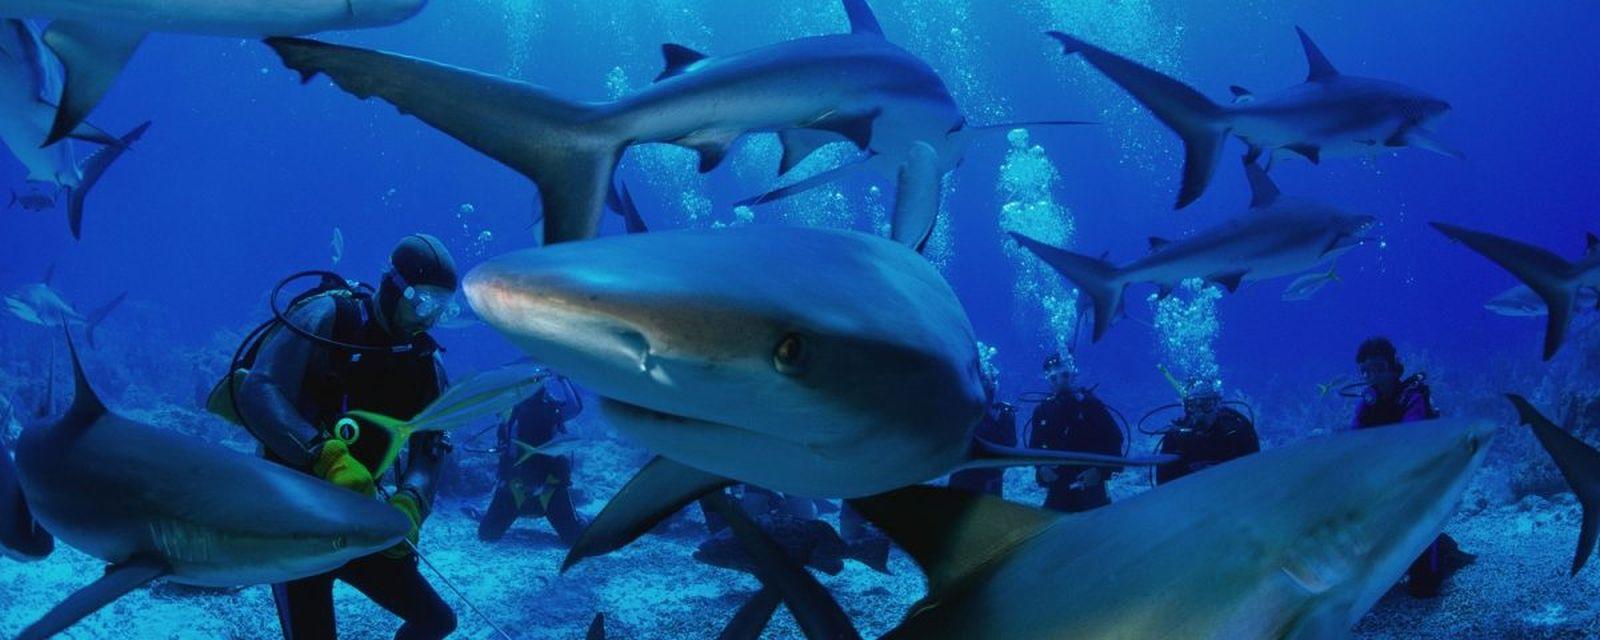 Uji nyali diving bersama hiu di Teluk Belongas | Foto: superadventure.id